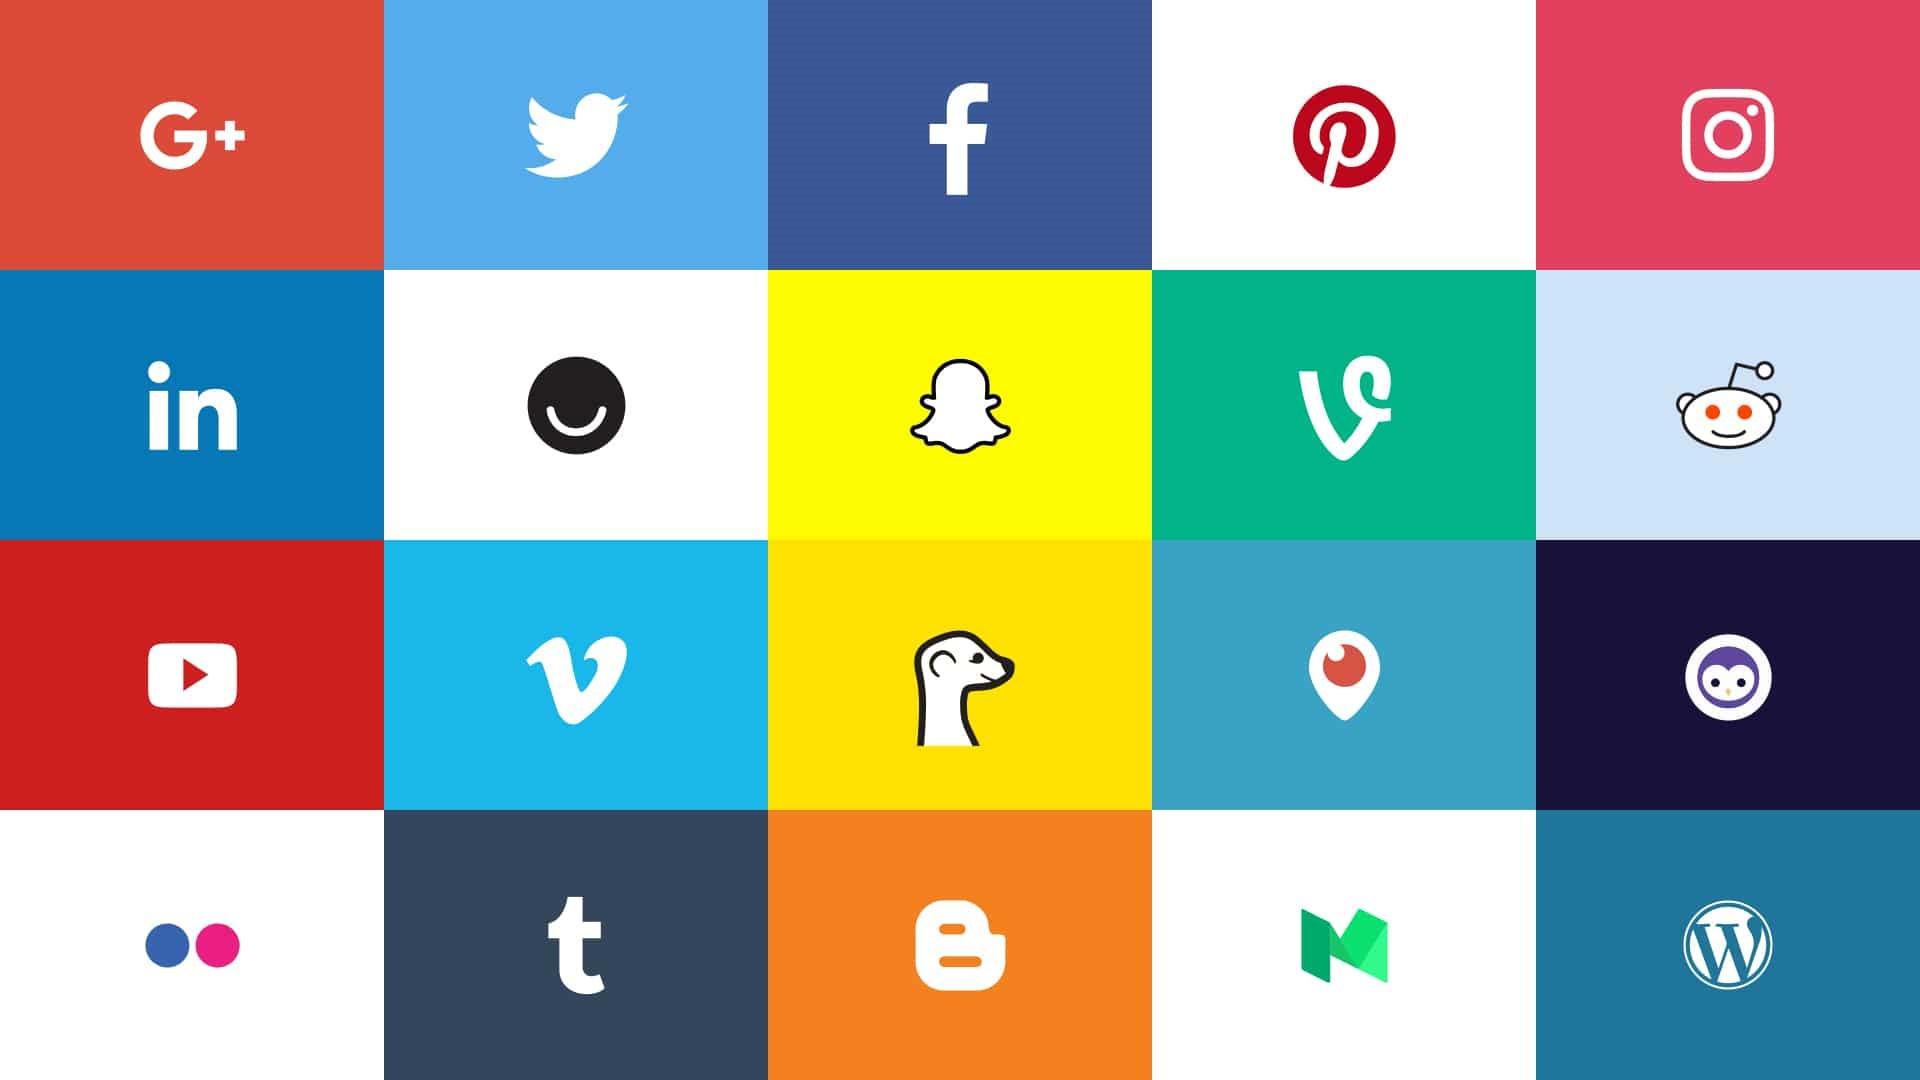 logos of social media